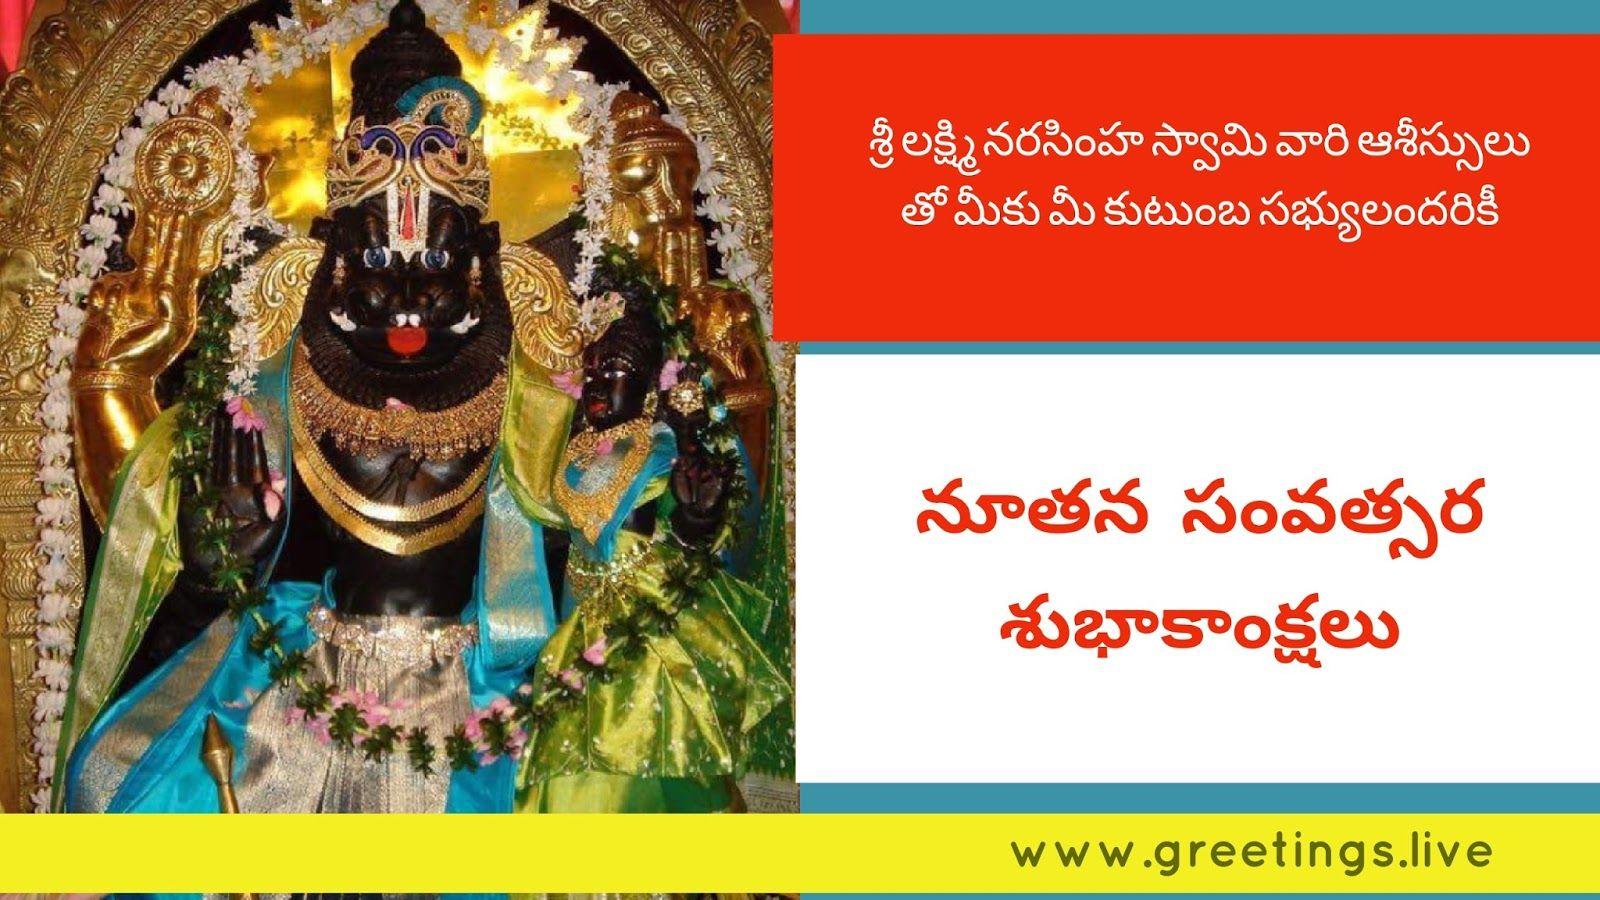 lord sri lakshmi narasimha swamy new year greetings 2018 in telugu